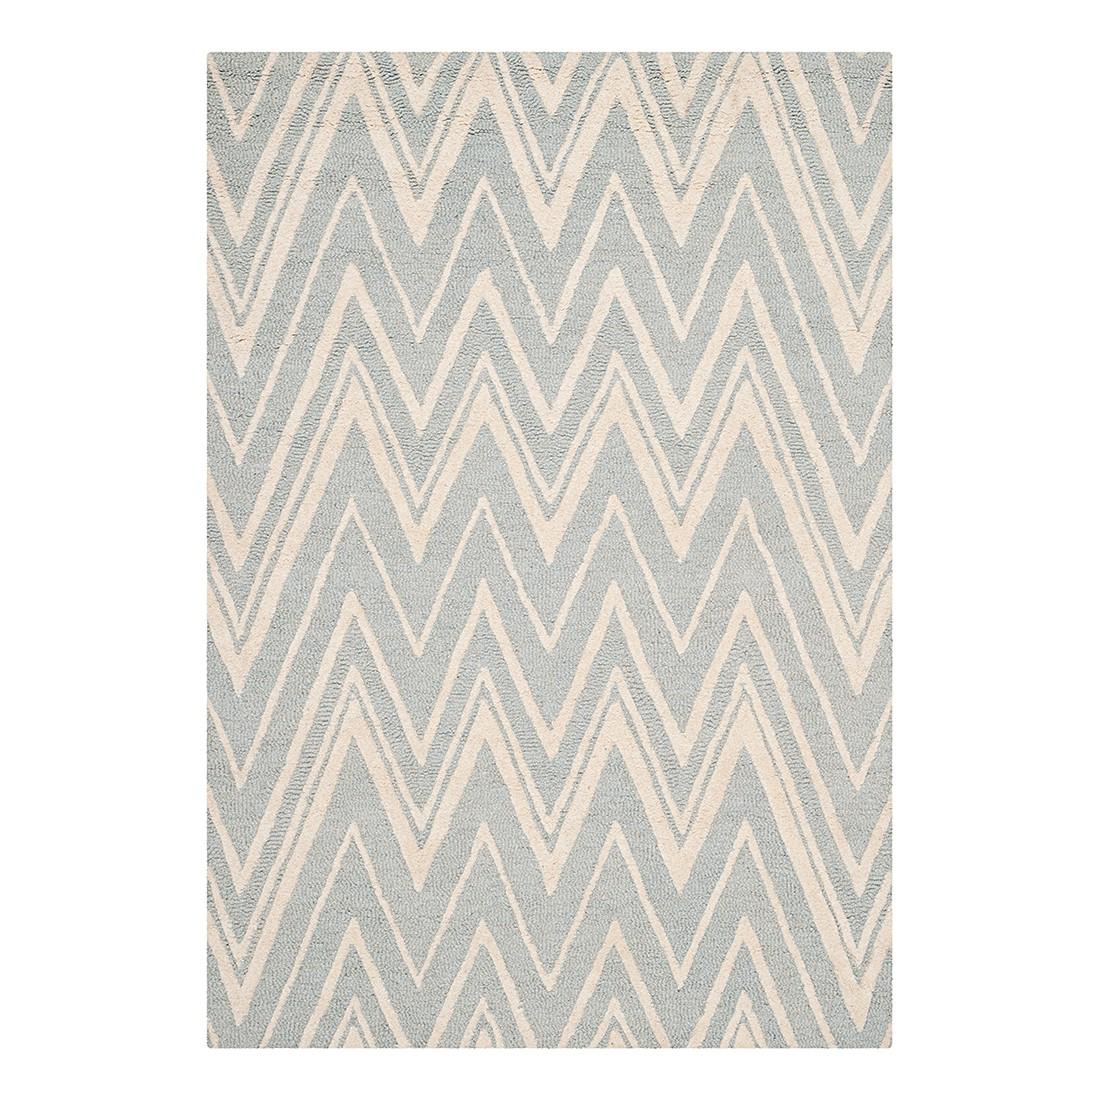 Teppich Luca – Grau/Elfenbein – Maße:  91 x 152  cm, Safavieh bestellen